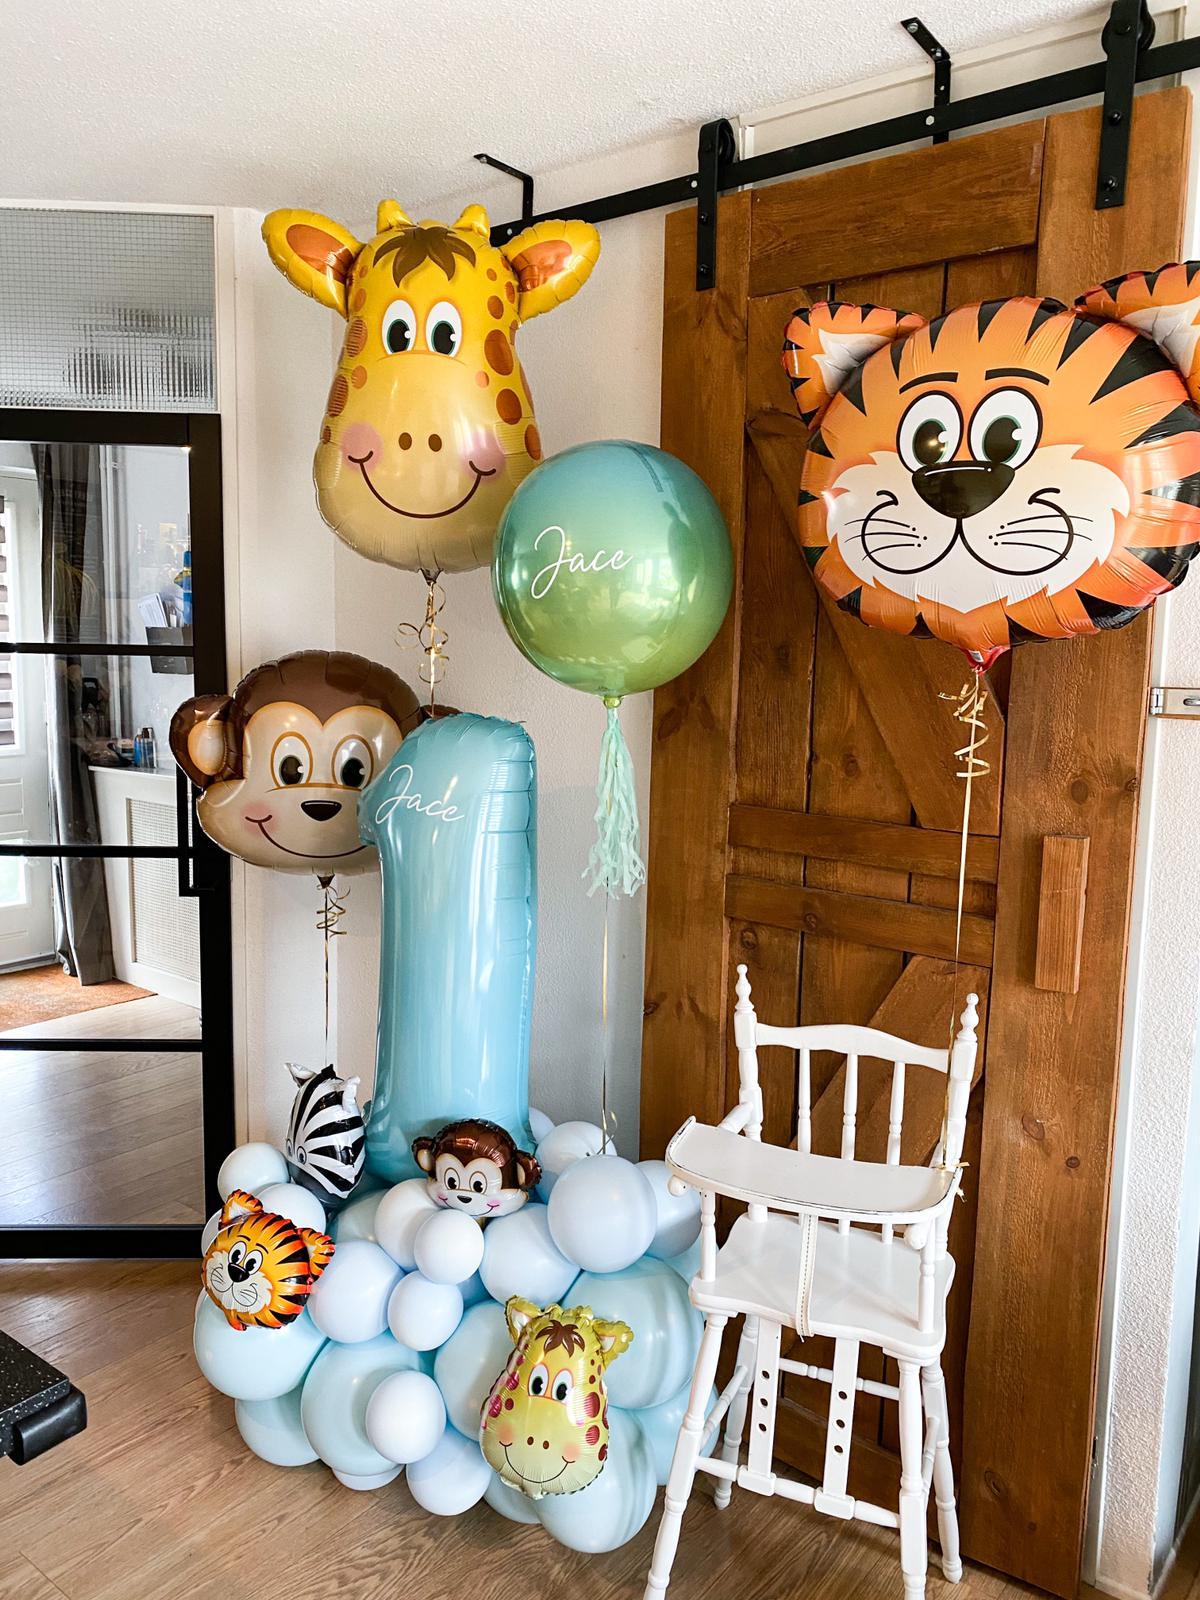 kungle balloon bouquett